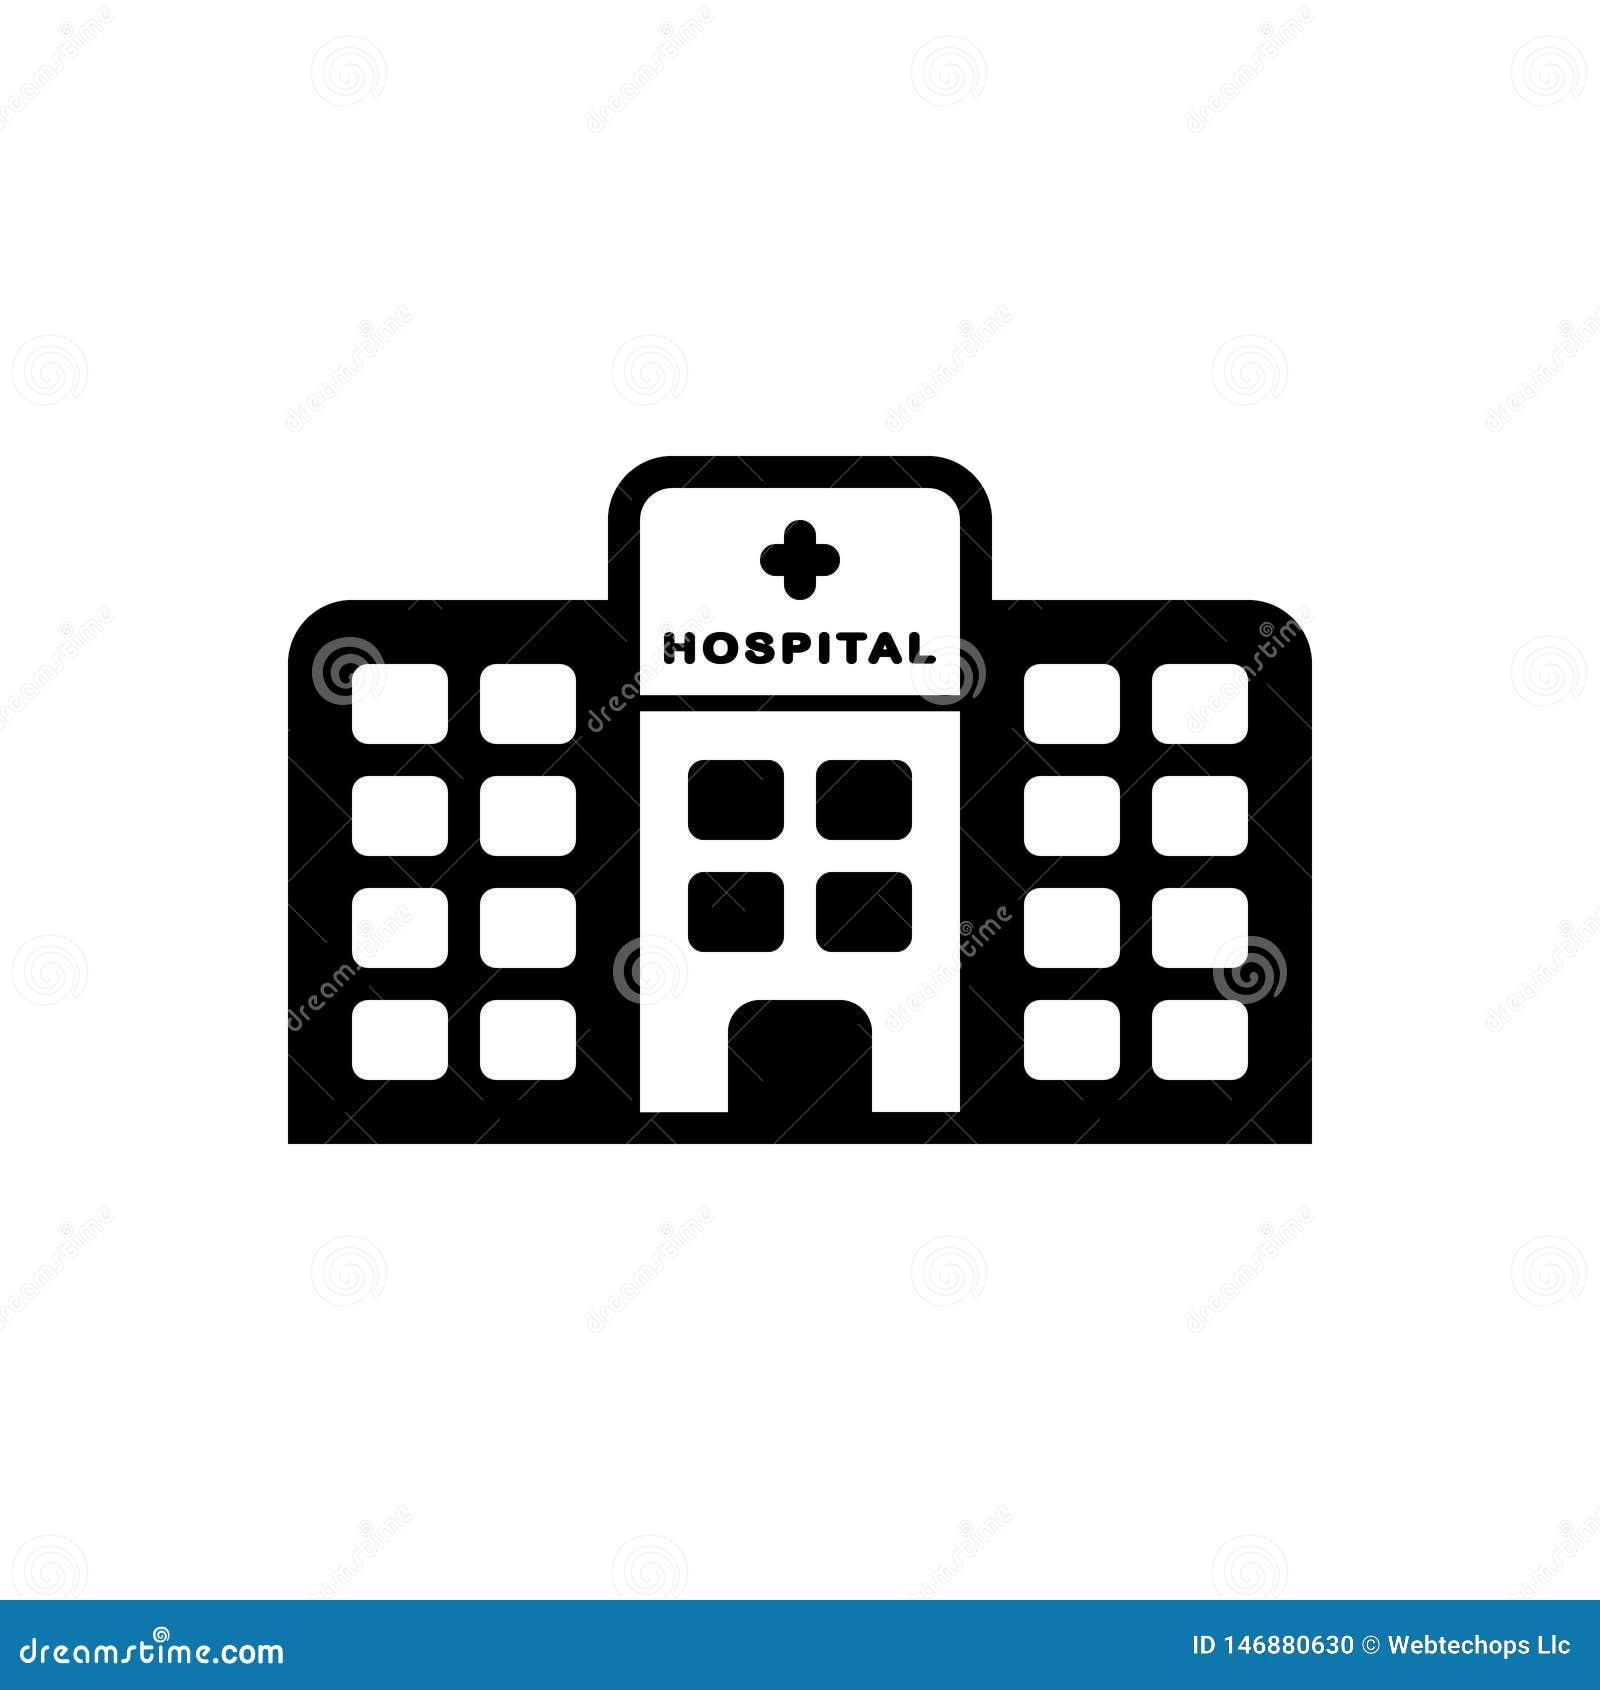 Svart fast symbol för sjukhusbyggnad, klinik och sjukvård